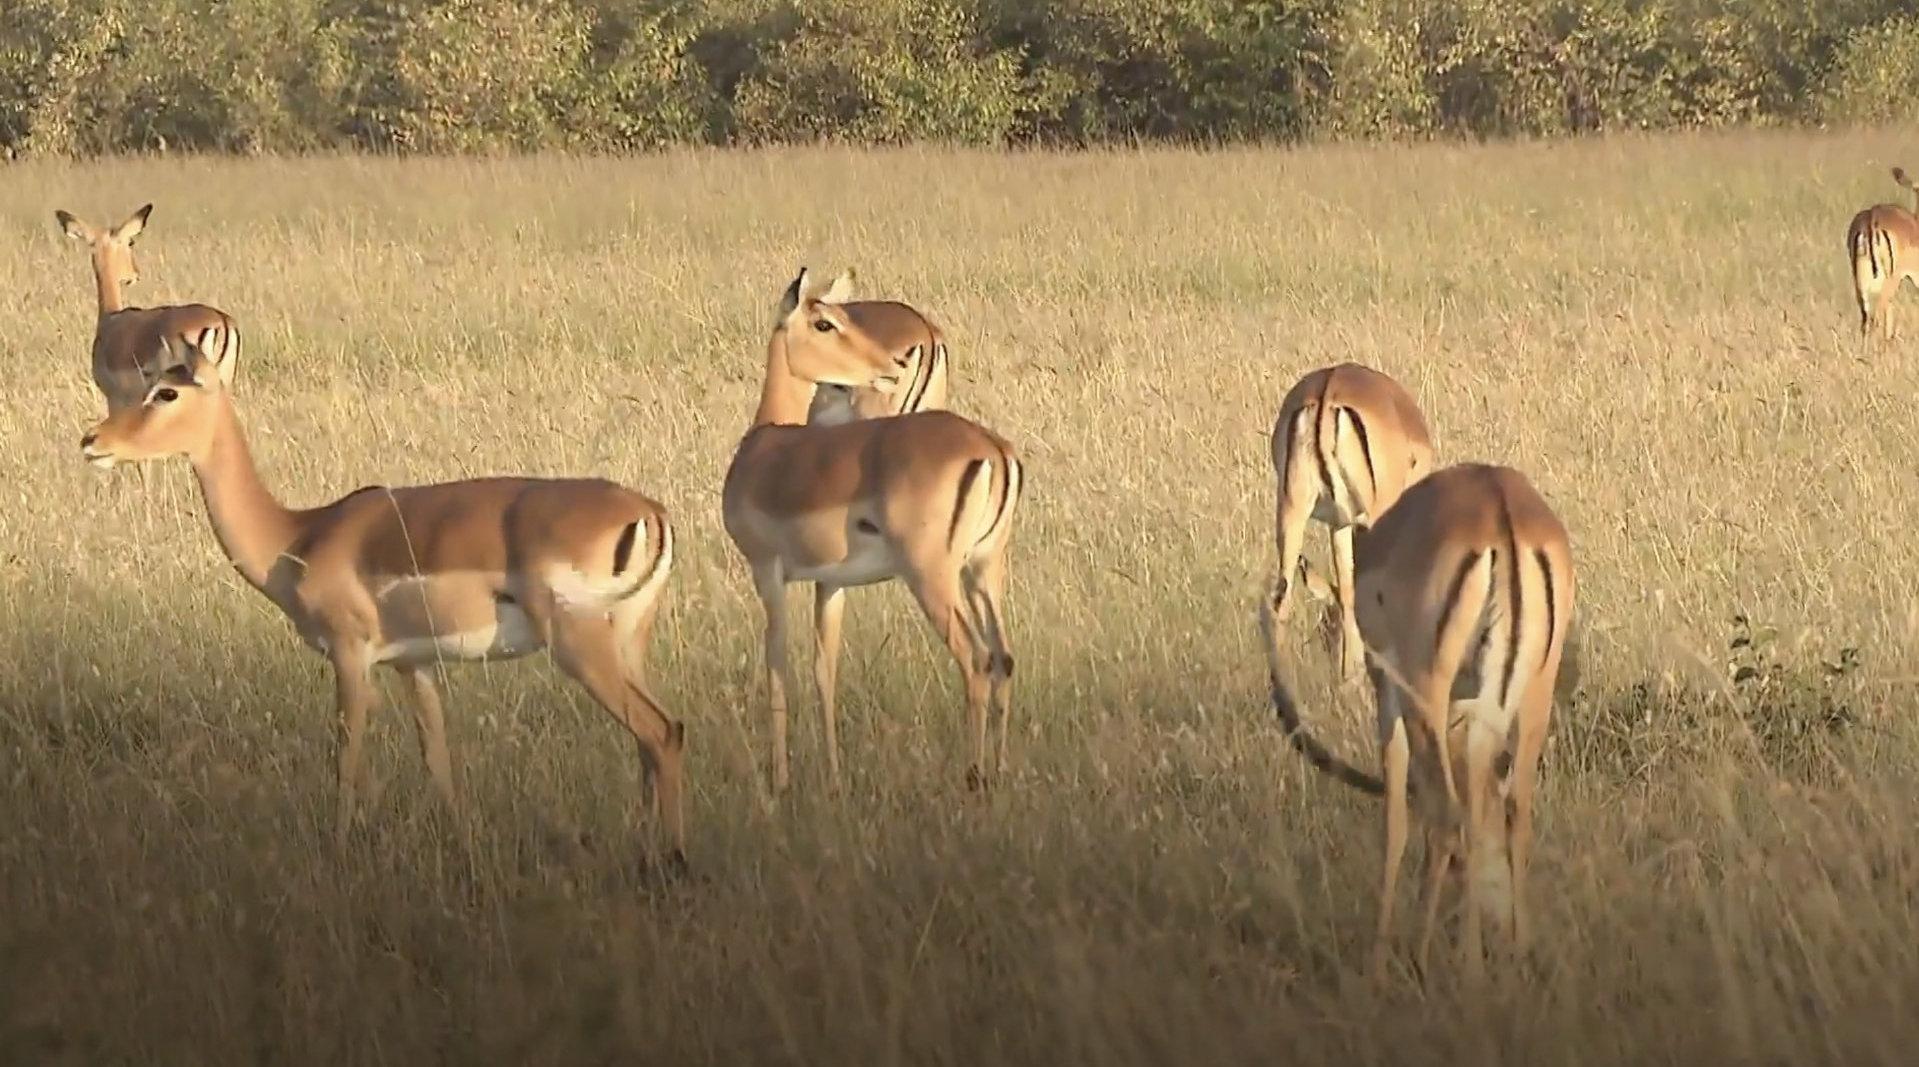 坦桑尼亚塞伦盖蒂草原上的角马大迁徙已经开始啦